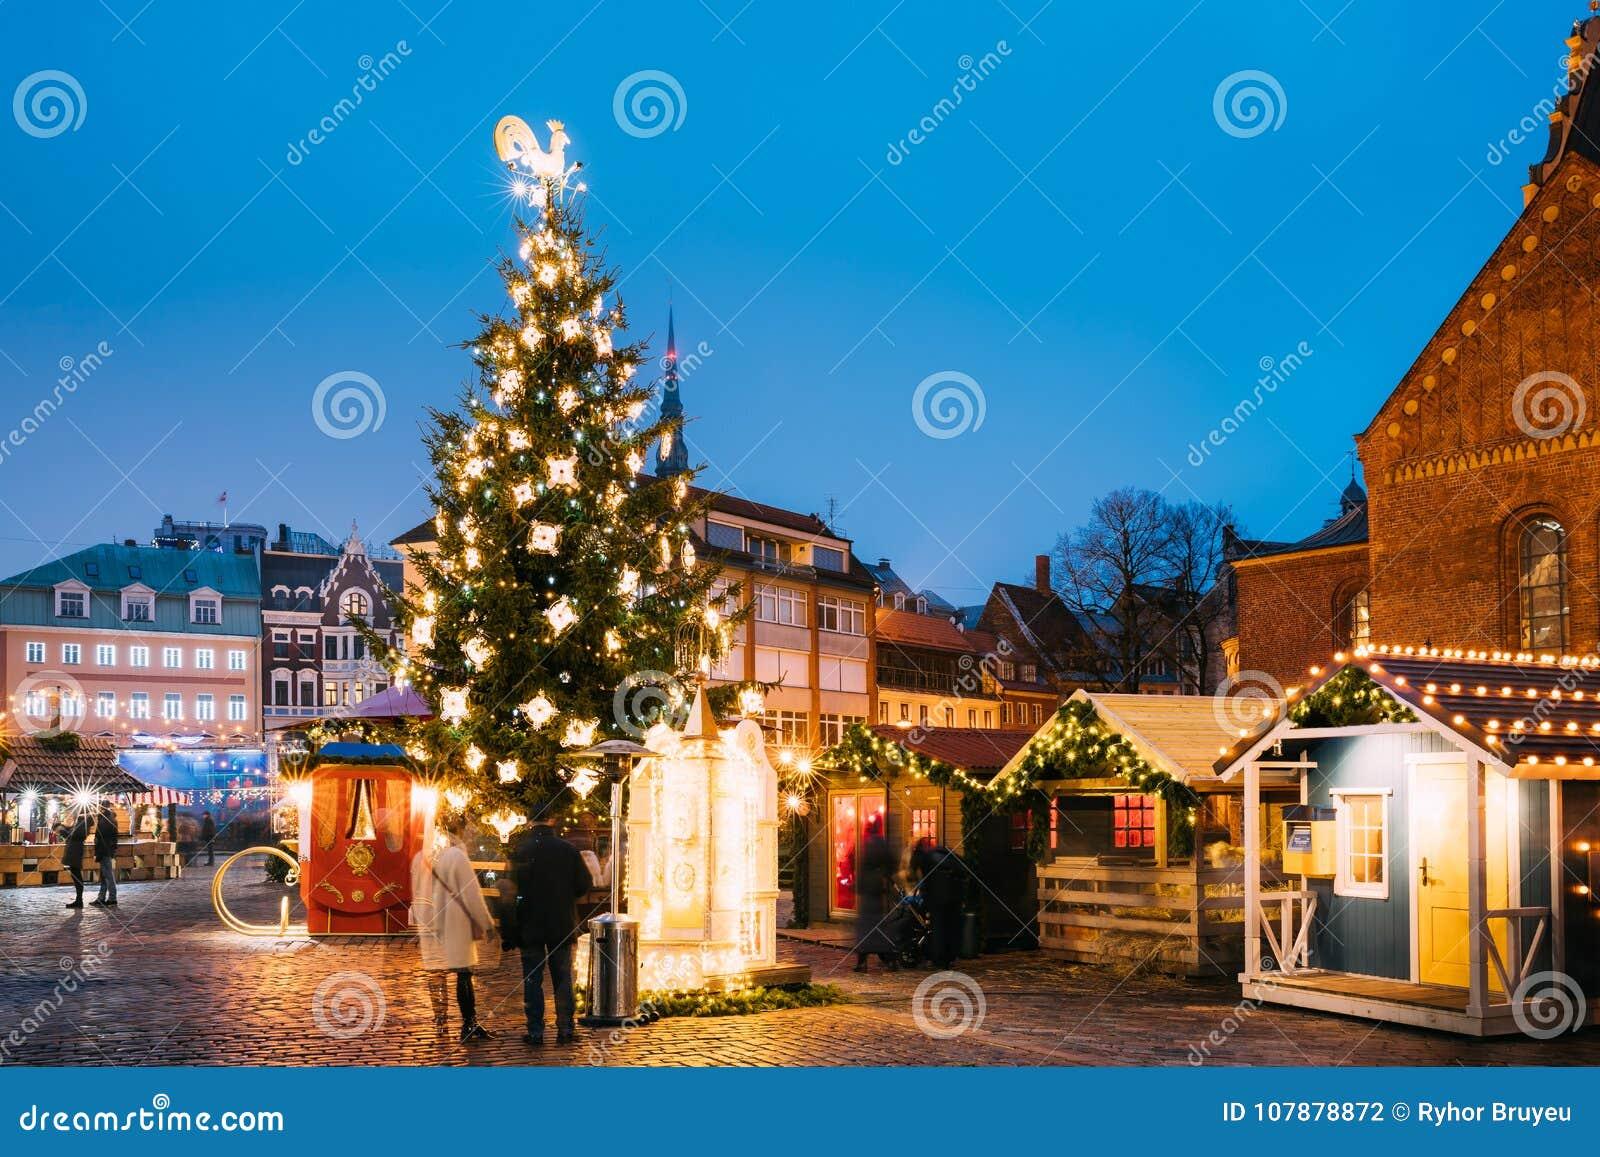 Λετονία Ρήγα Αγορά Χριστουγέννων στο τετράγωνο θόλων Χριστουγεννιάτικο δέντρο και εμπορικοί οίκοι